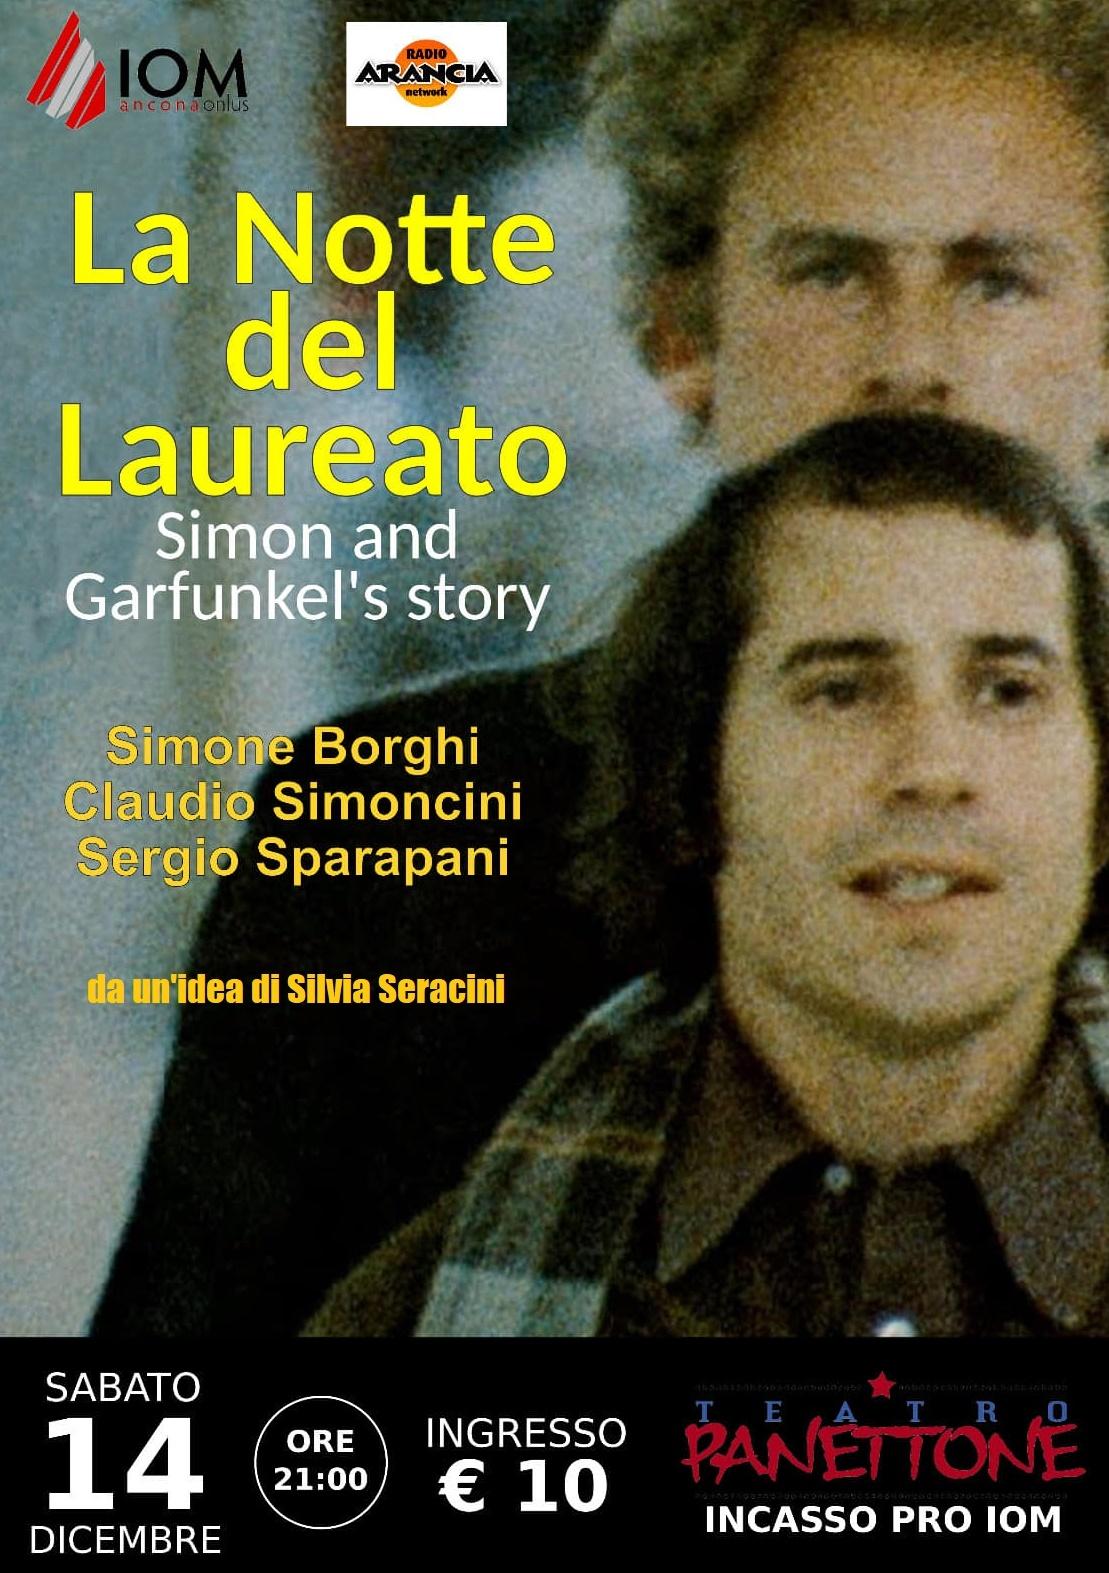 La Notte del Laureato – Simon and Garfunkel's Story